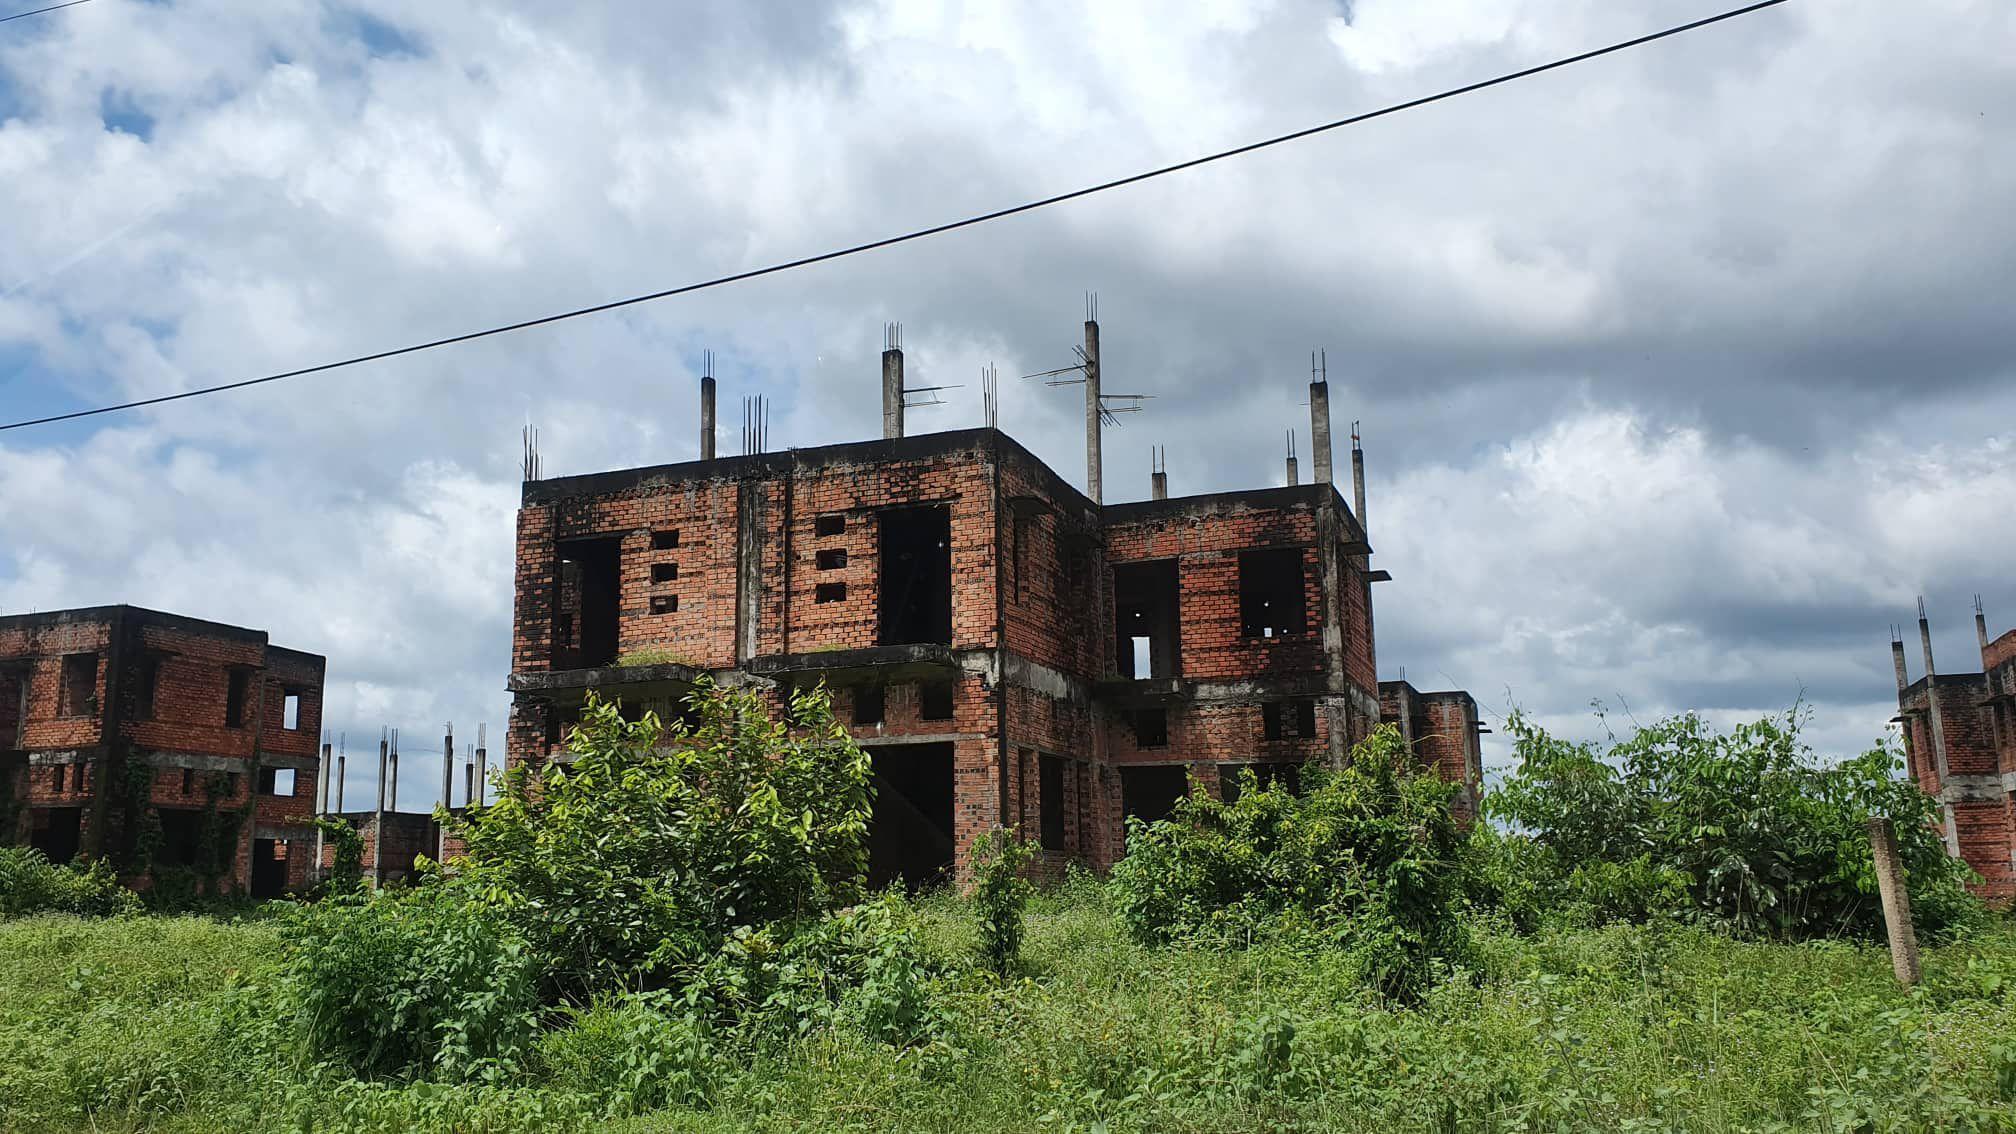 La liệt chung cư, biệt thự bỏ hoang ở Nhơn Trạch - 8